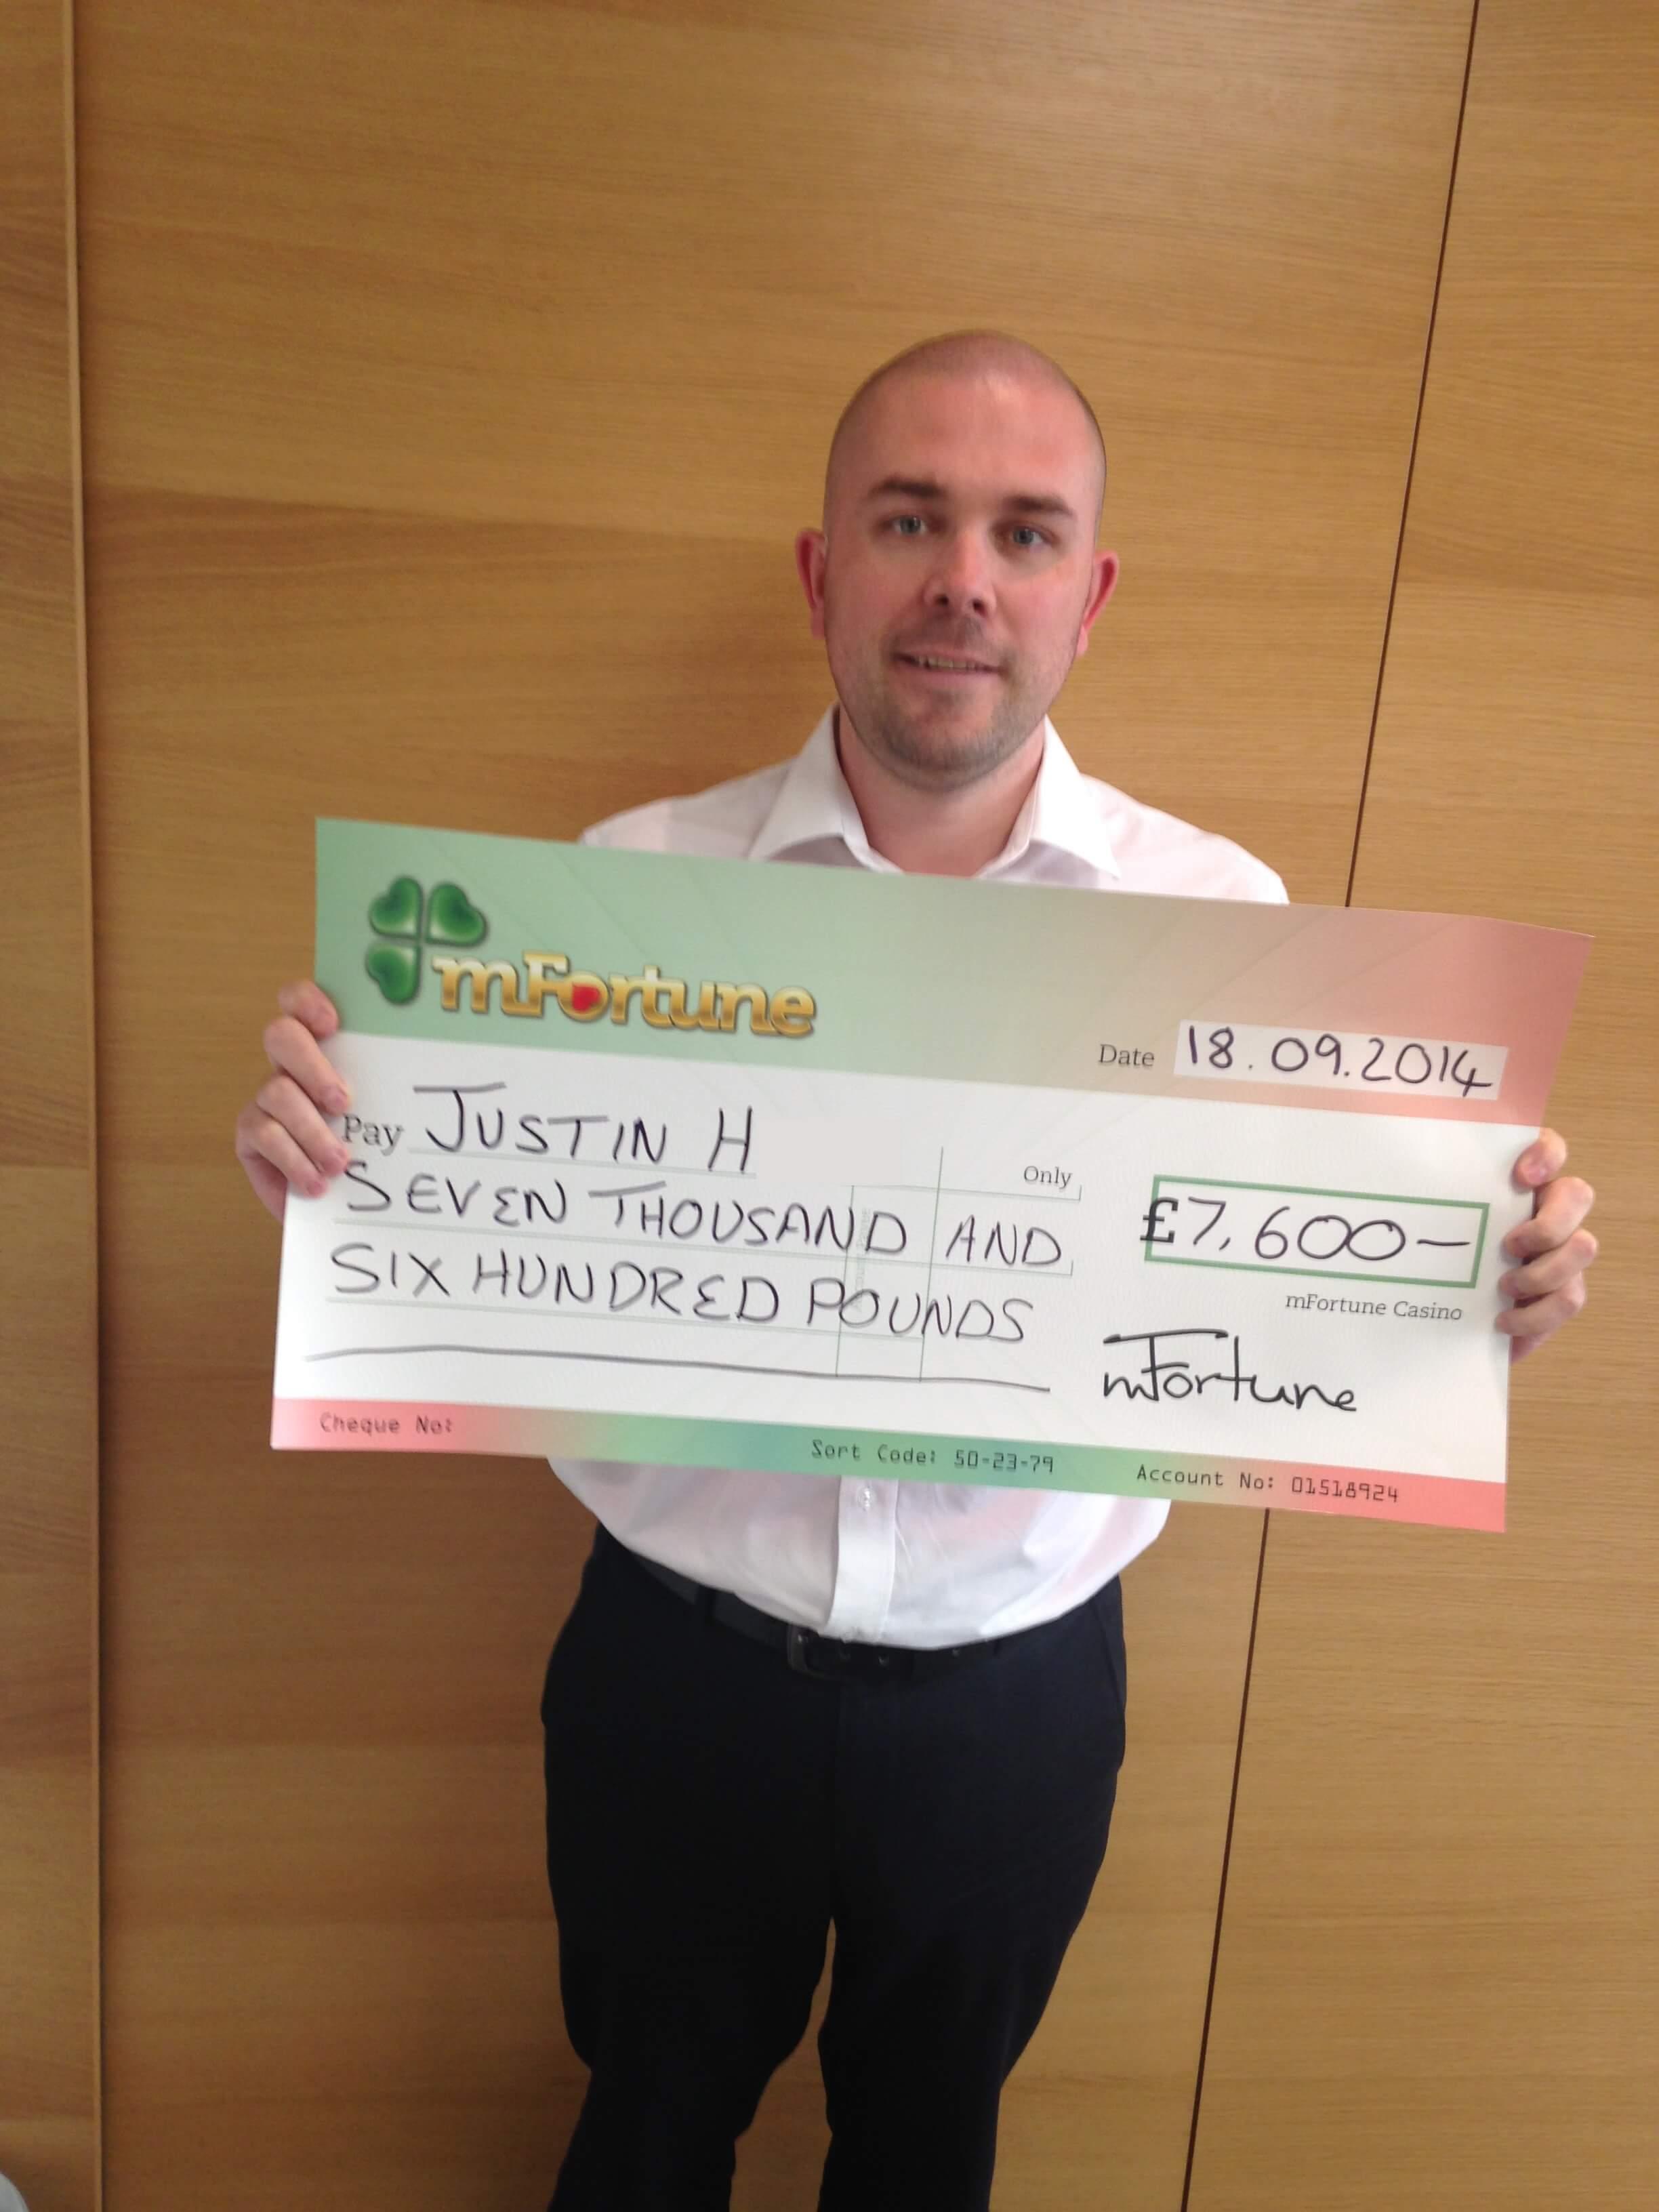 Justin H won £ 7,600